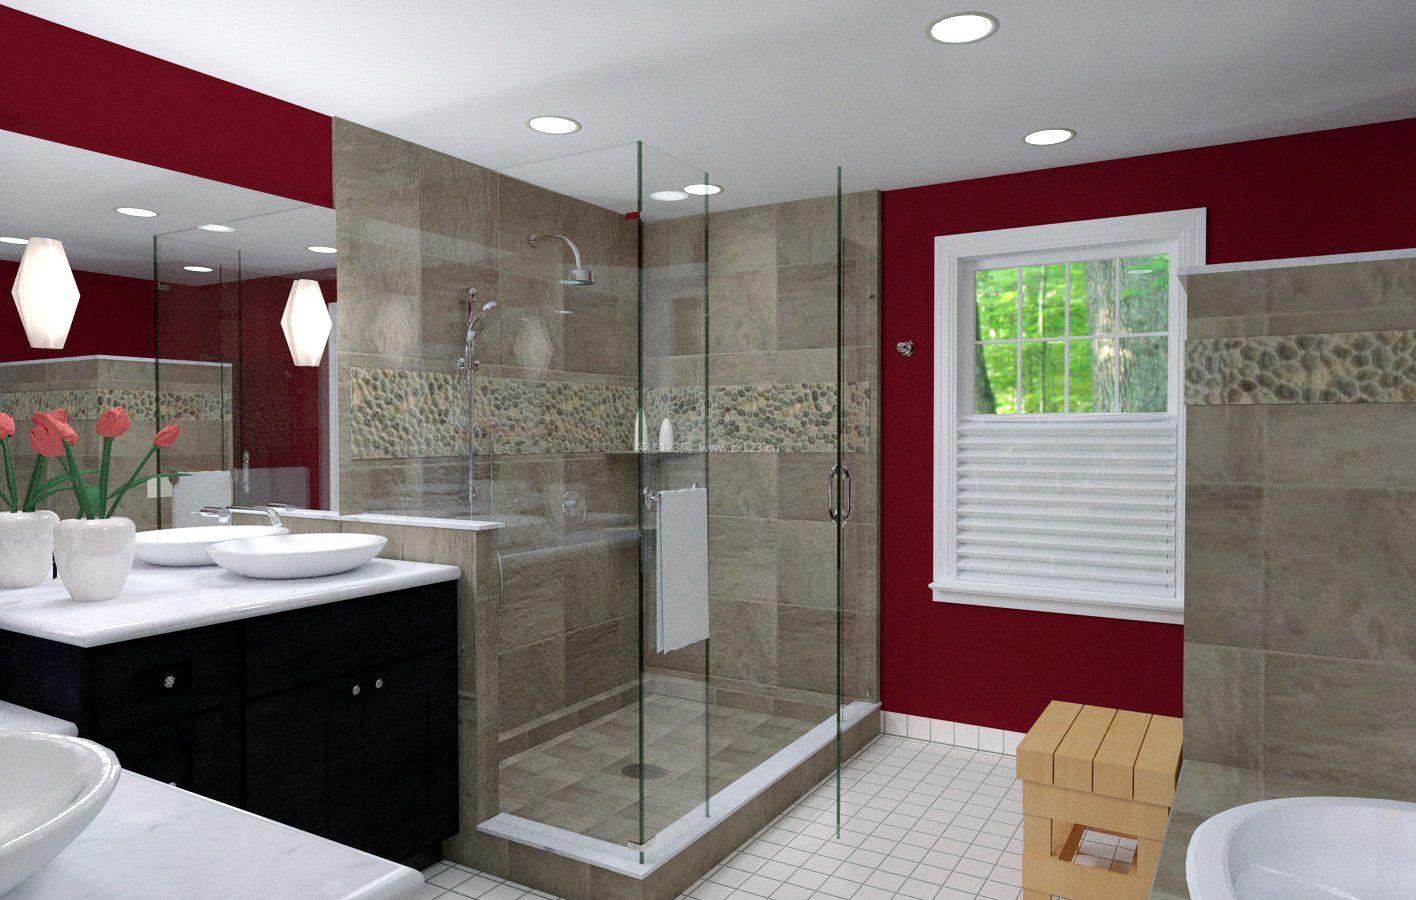 小卫生间整体淋浴房瓷砖效果图